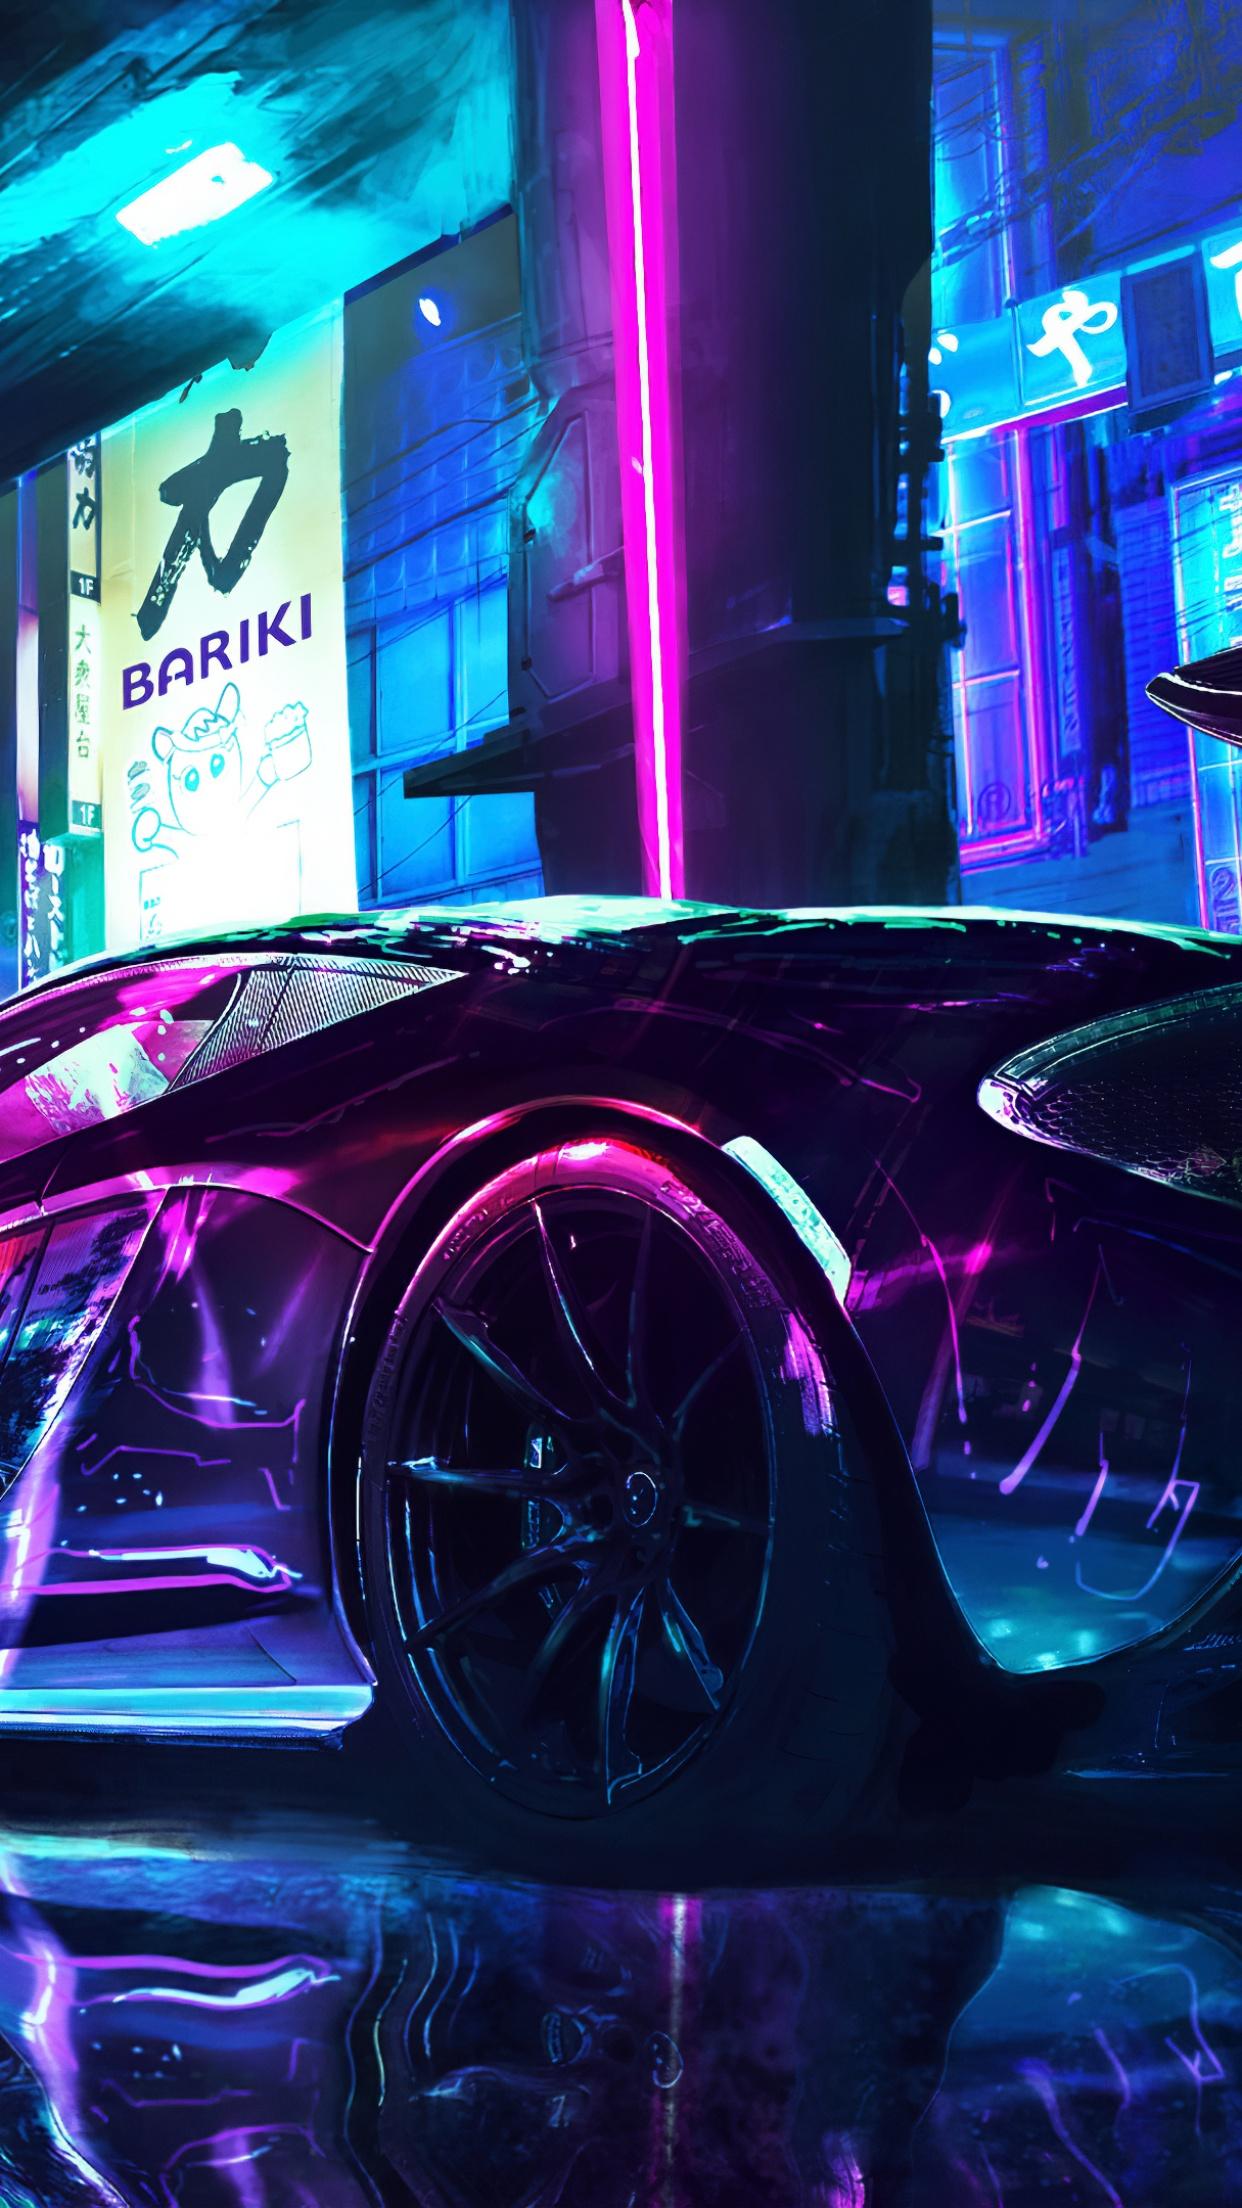 Cyberpunk 4K Wallpaper, McLaren, Supercars, Neon art, Cars ...